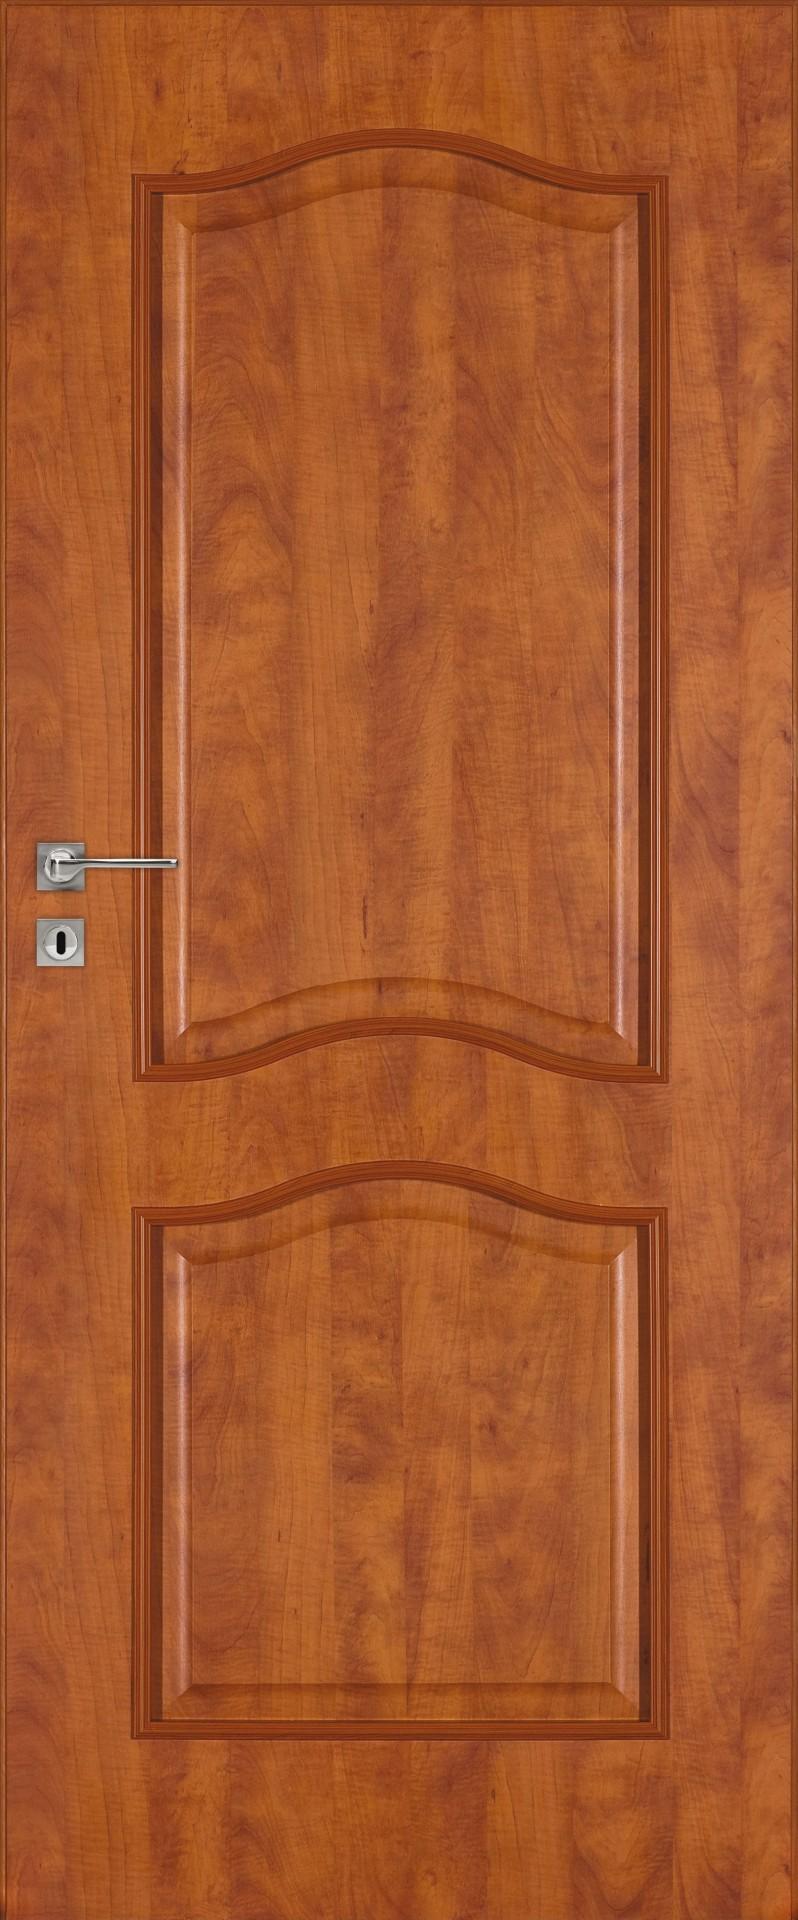 Dre dveře Classic 10, Šíře v cm 90